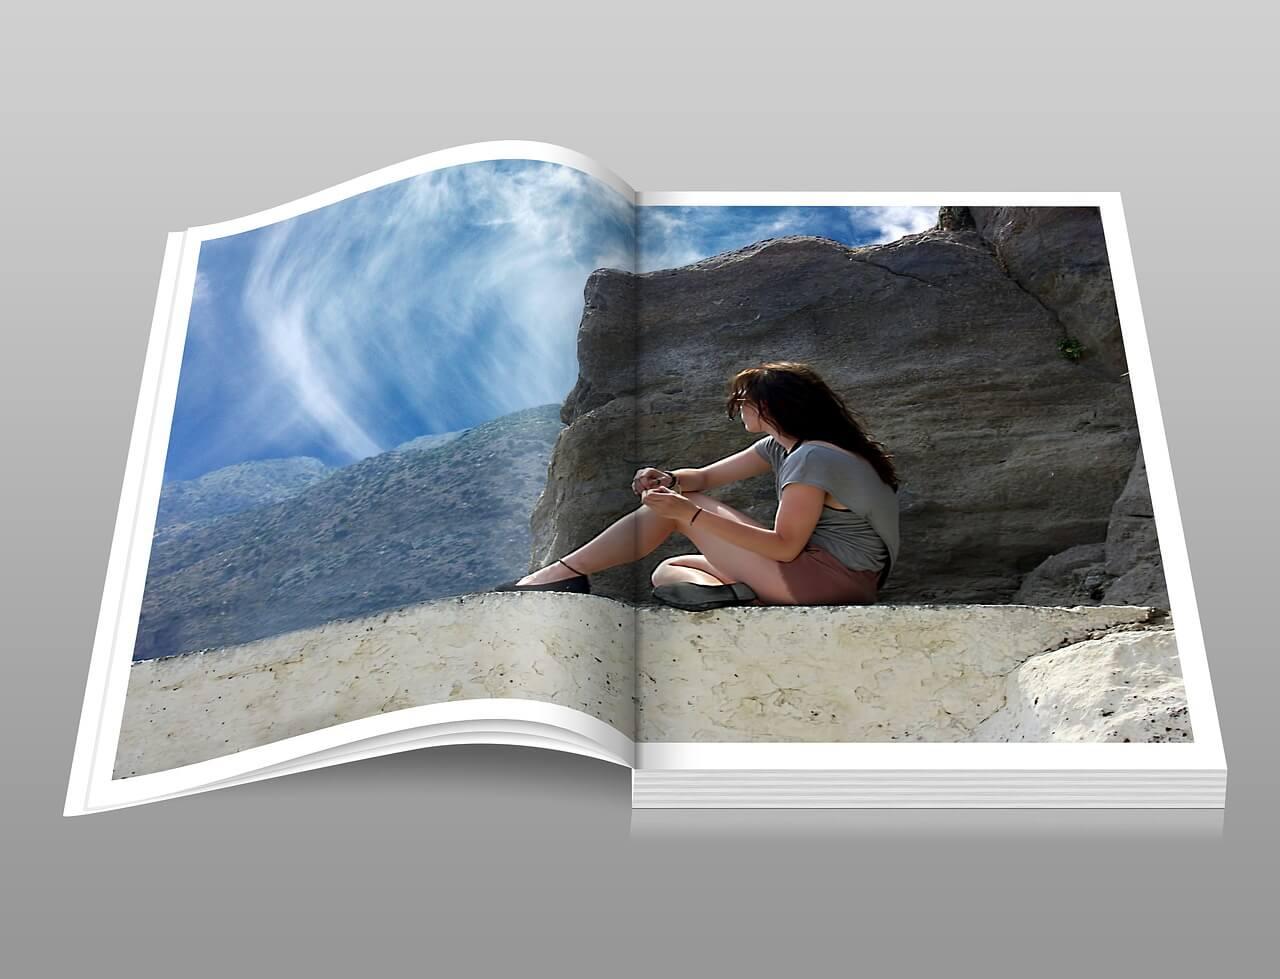 Das eigene Fotobuch: Hilfreiche Tipps für ein perfektes Ergebnis